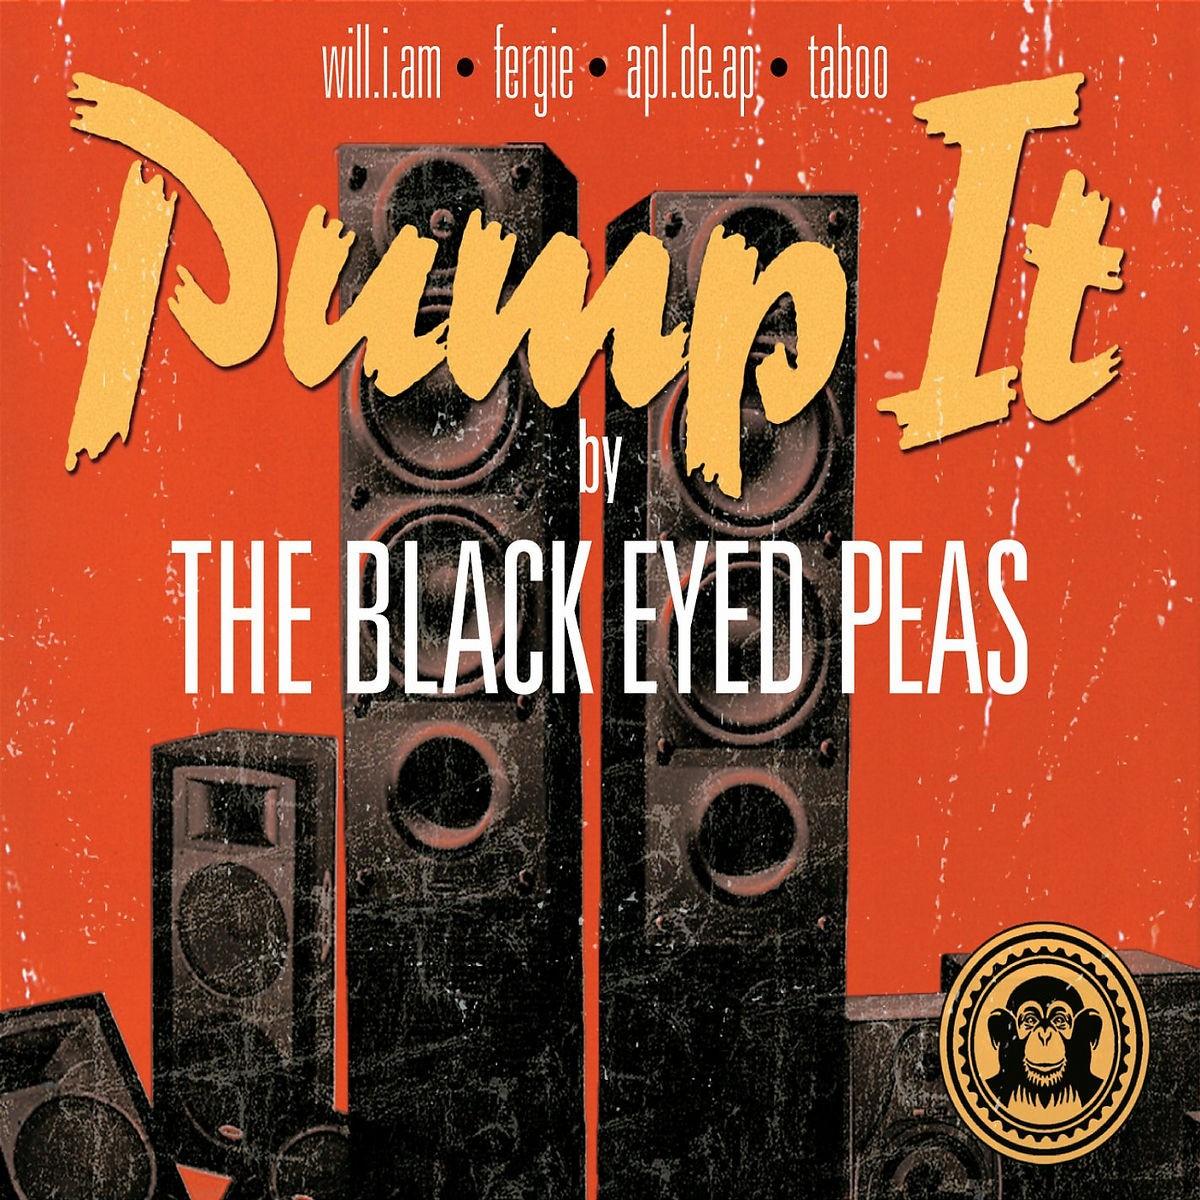 Black Eyed Peas - Pump it lyrics - YouTube